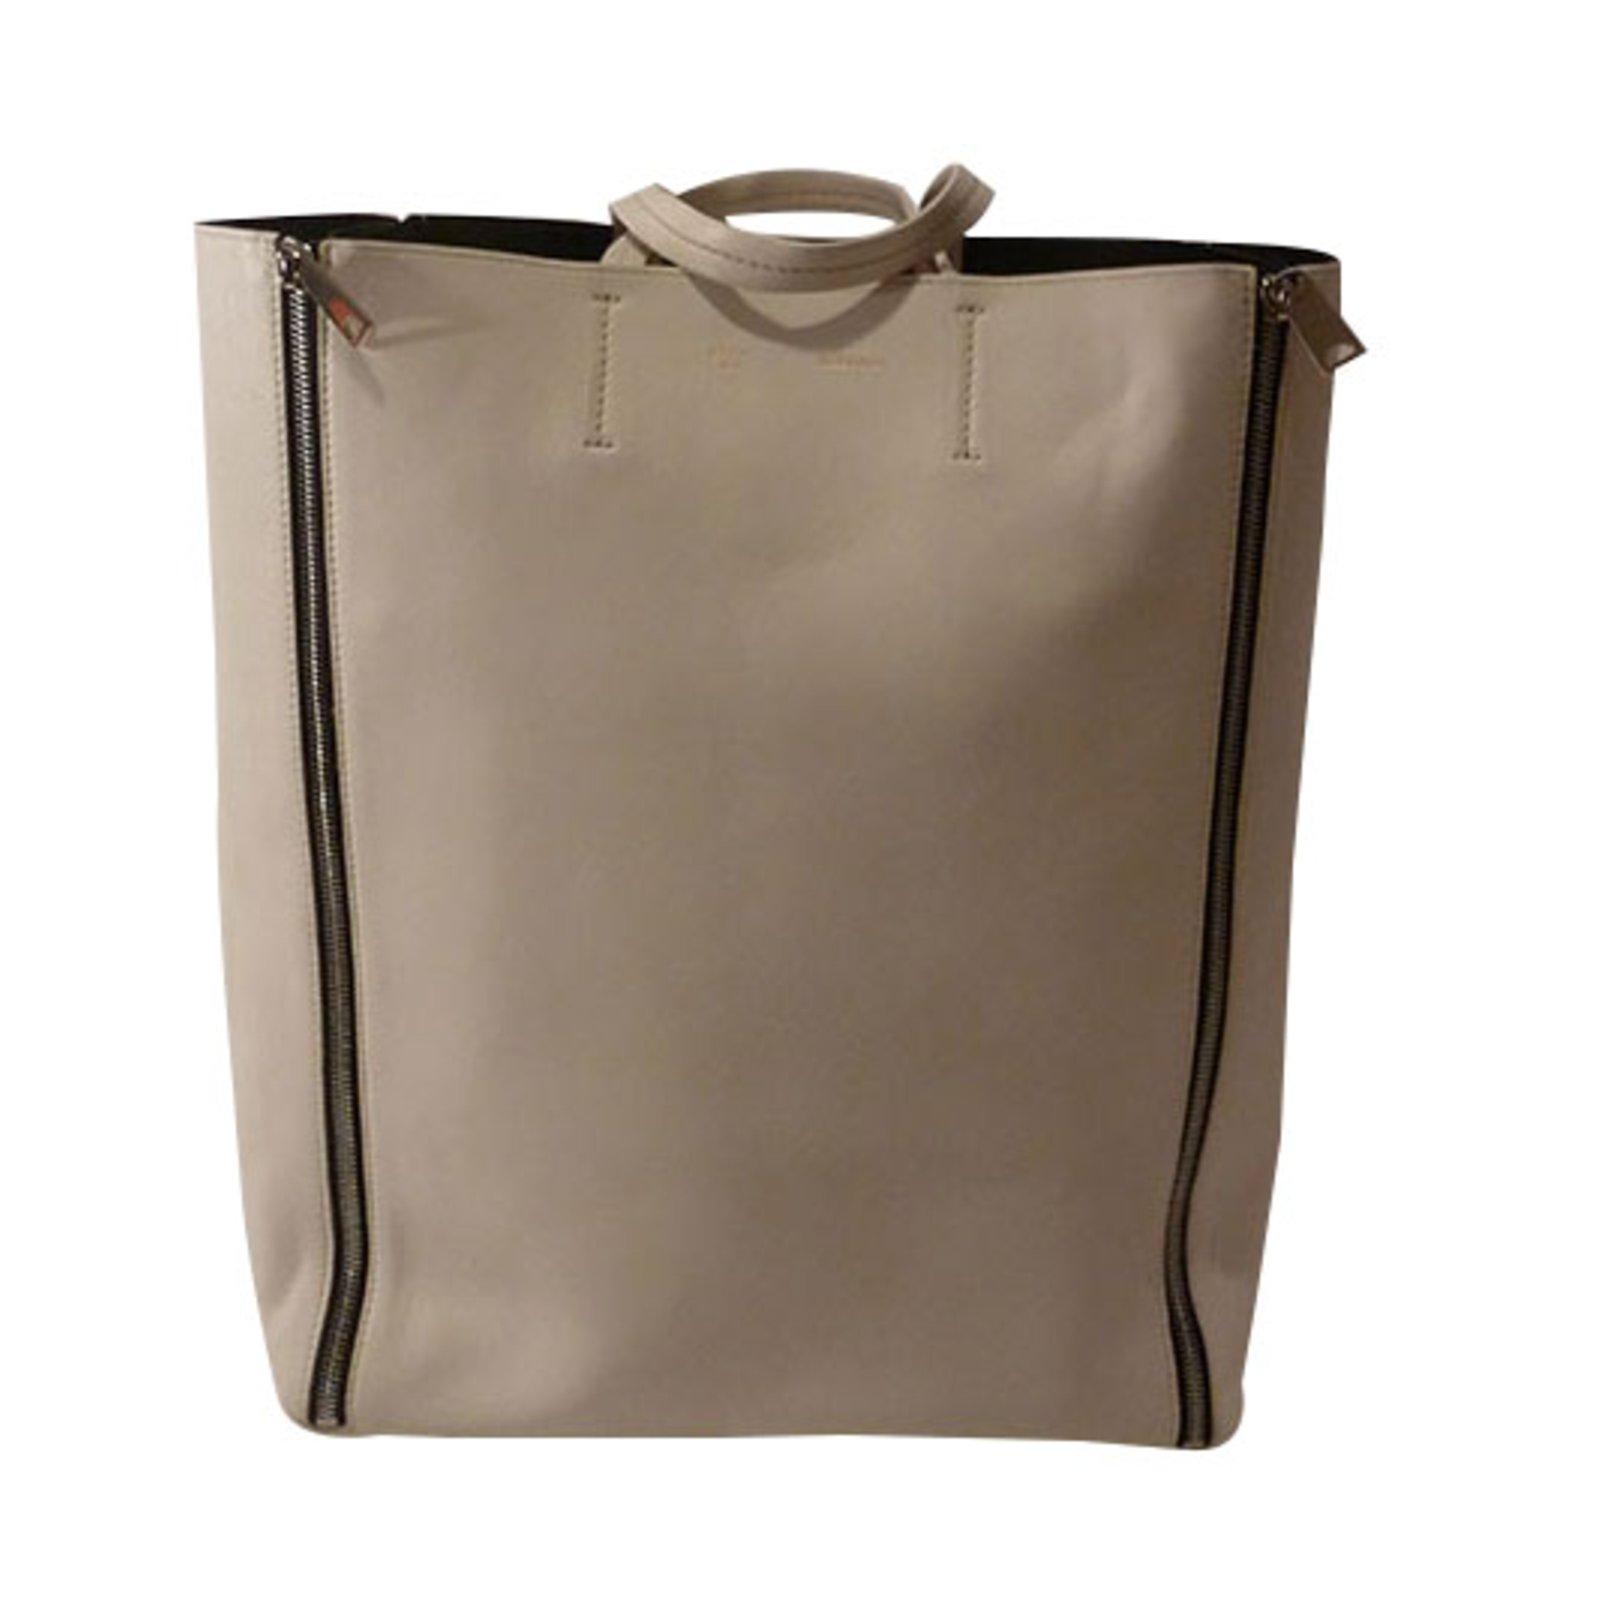 Céline Celine Cabas Vertical Zip Medium Tote Bag Totes Leather Cream  ref.34496 2a80f01457c8b